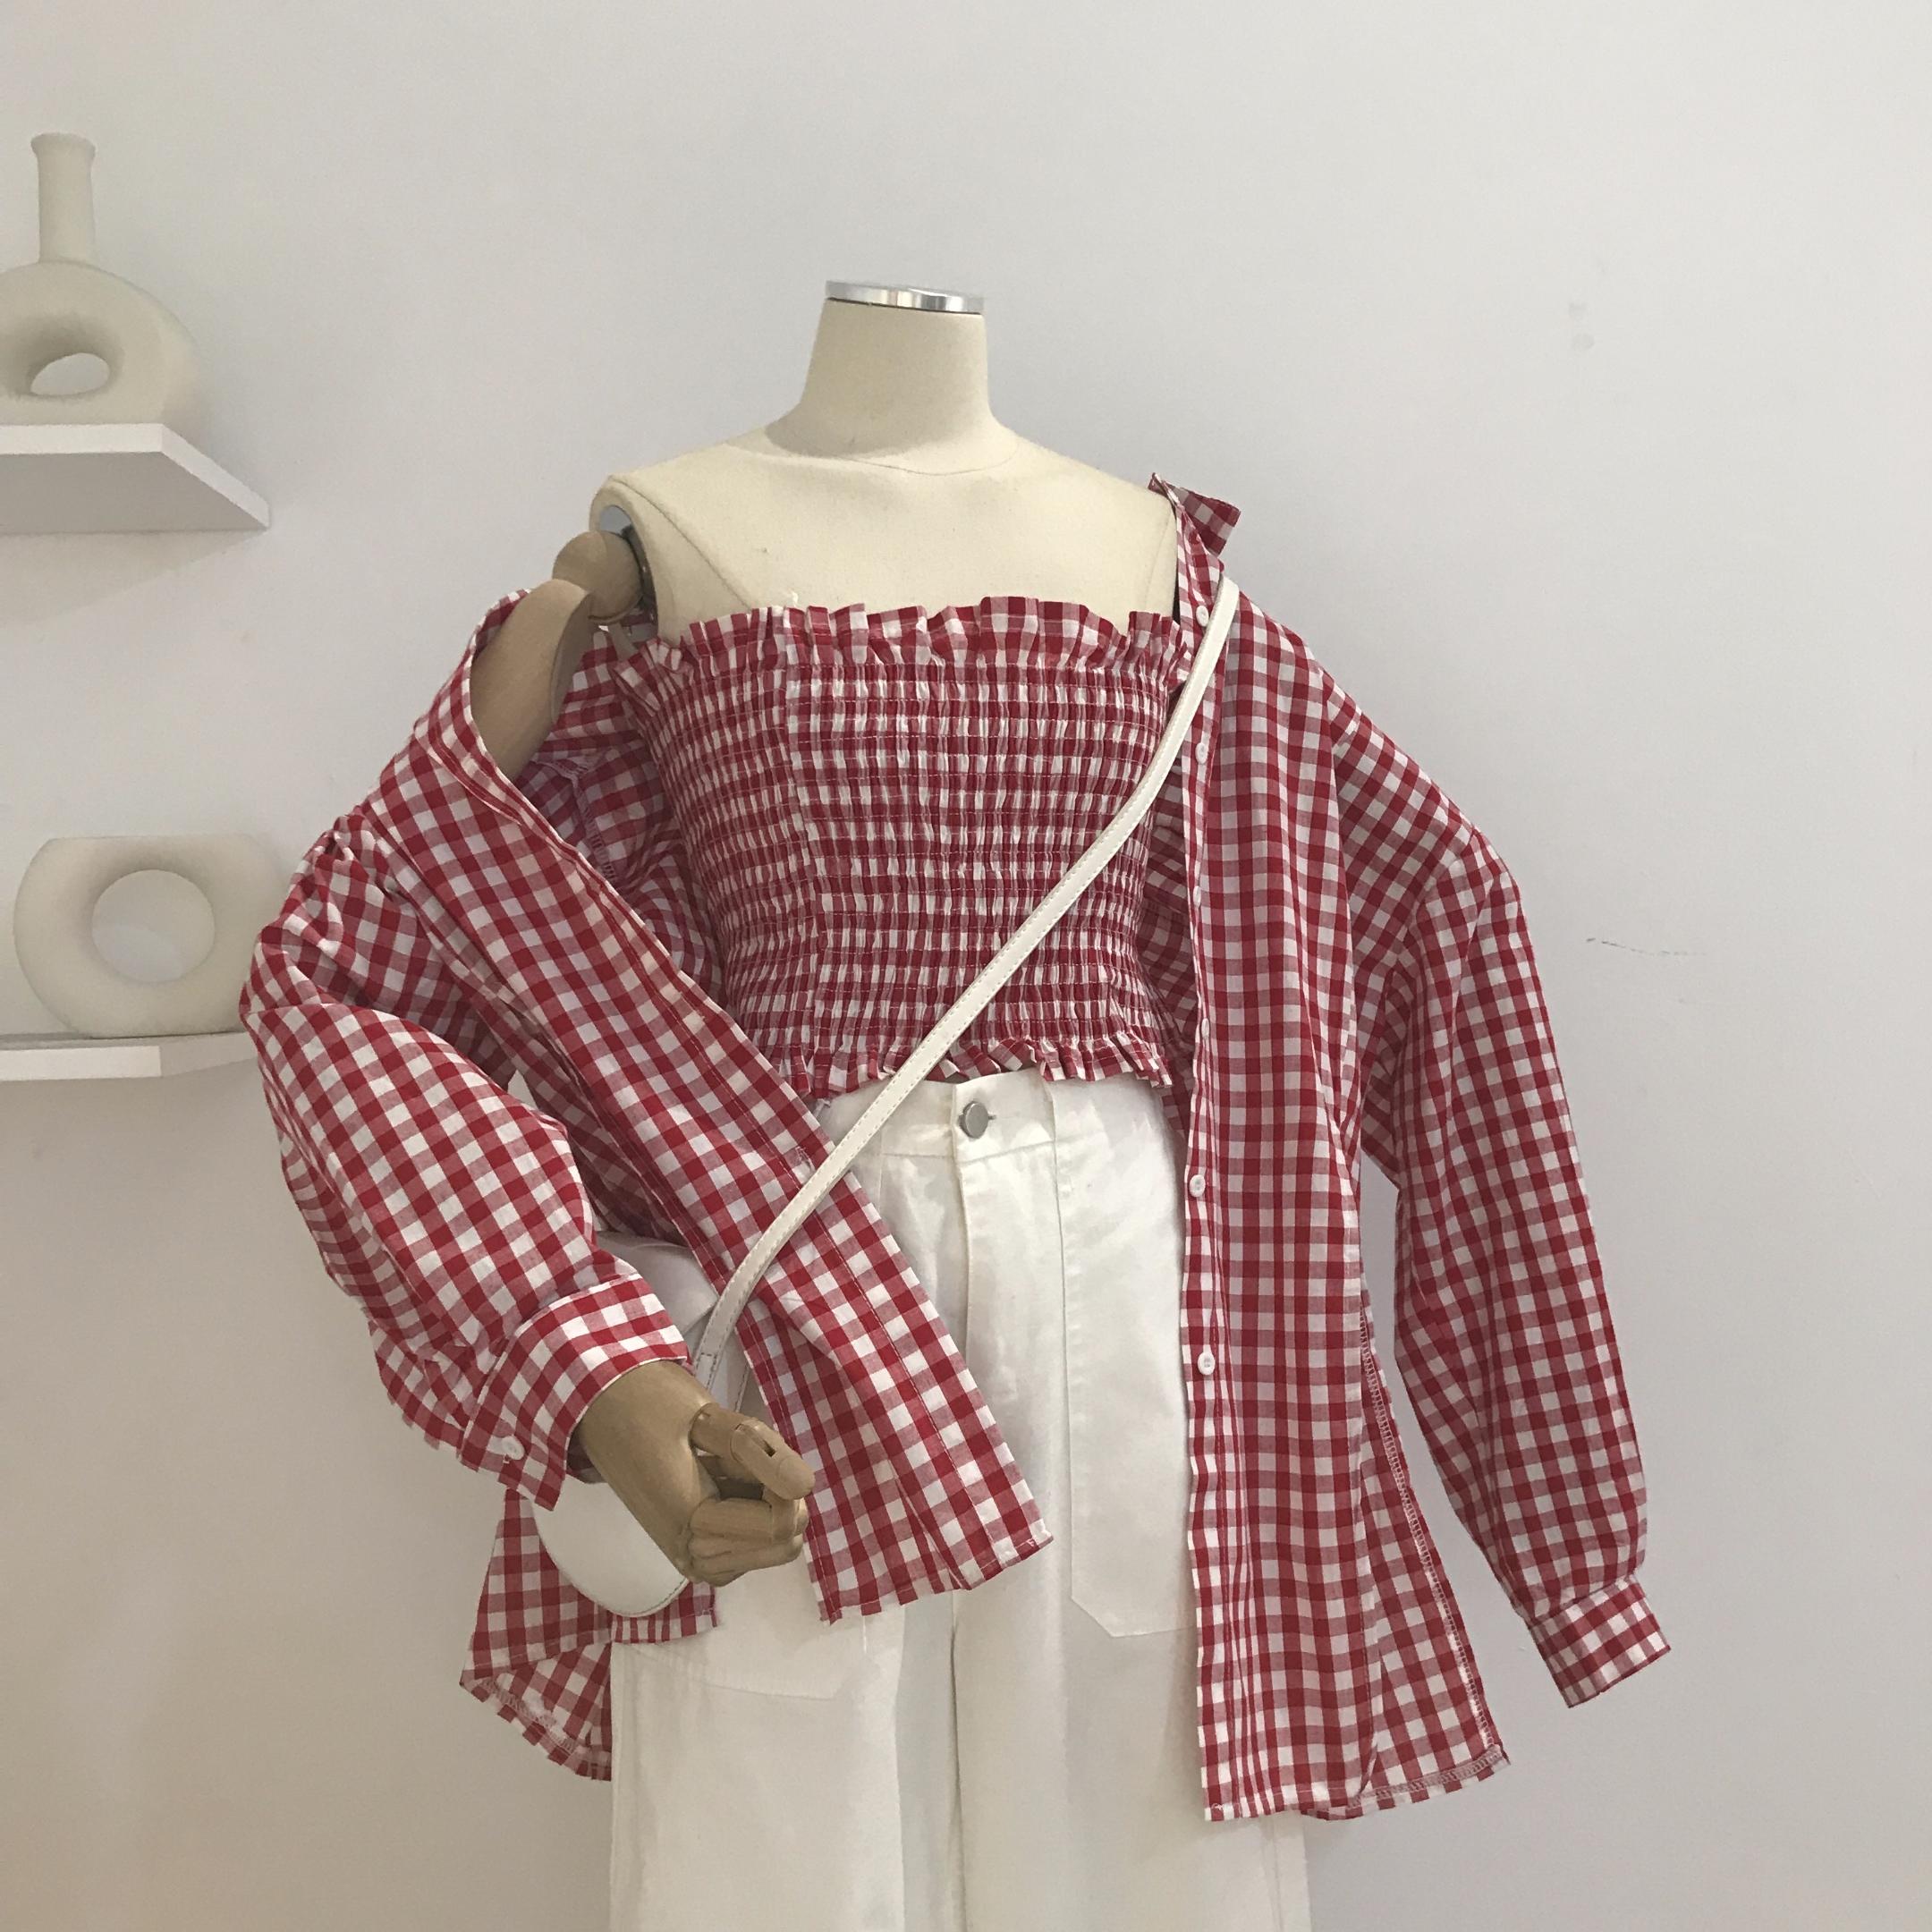 【吴夫人】C52包邮早秋女装韩版休闲衬衣学院风格子长袖+裹胸